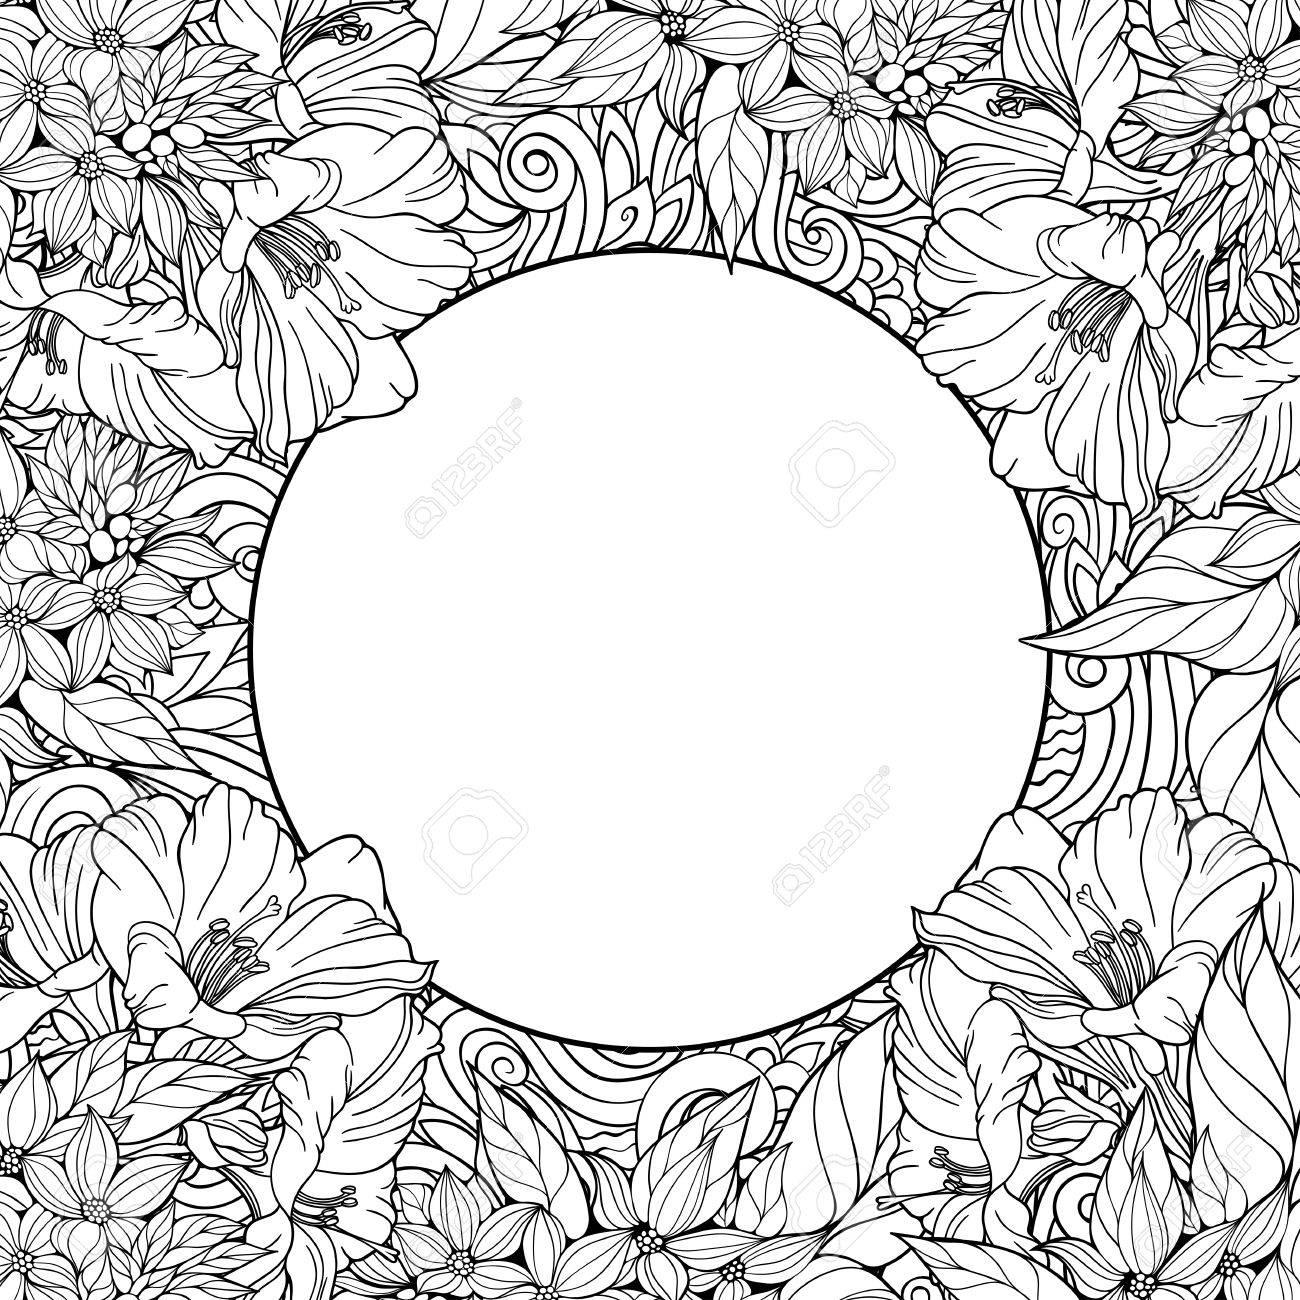 Malvorlage Mit Nahtlose Muster Von Blumen Und Platz Für Text ...